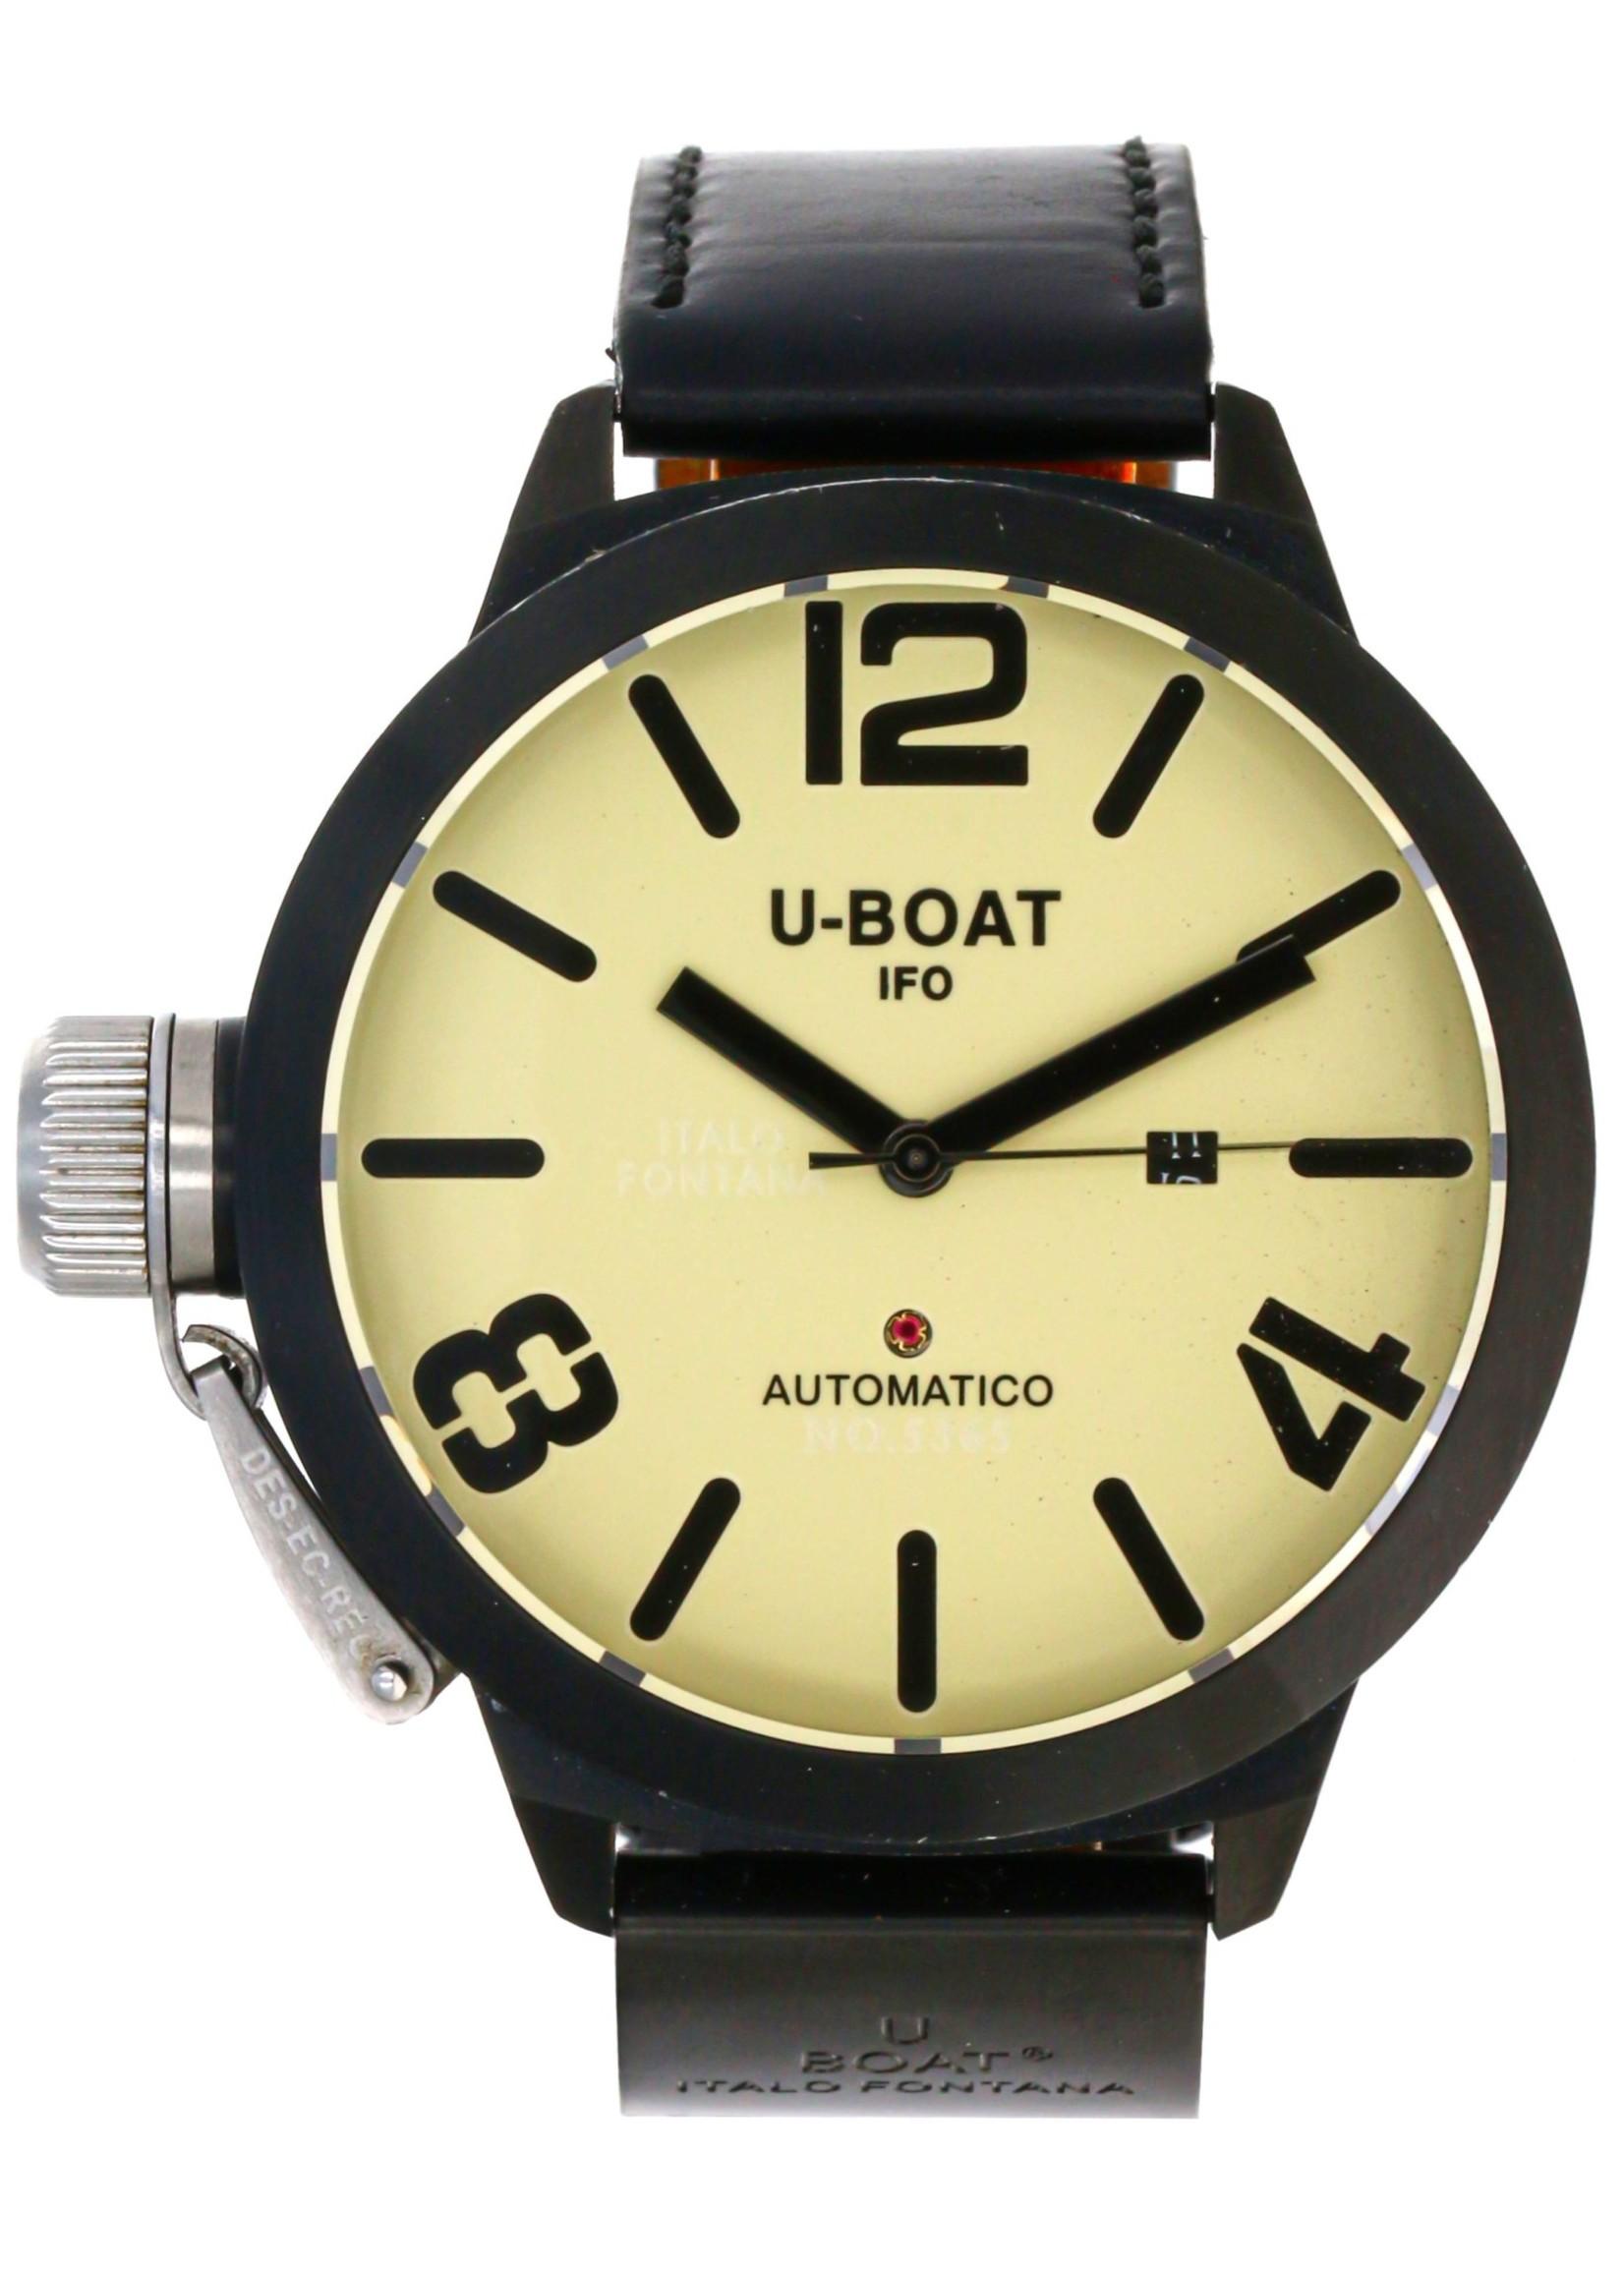 U-BOAT CLASSICO IFO (2009 B+P)